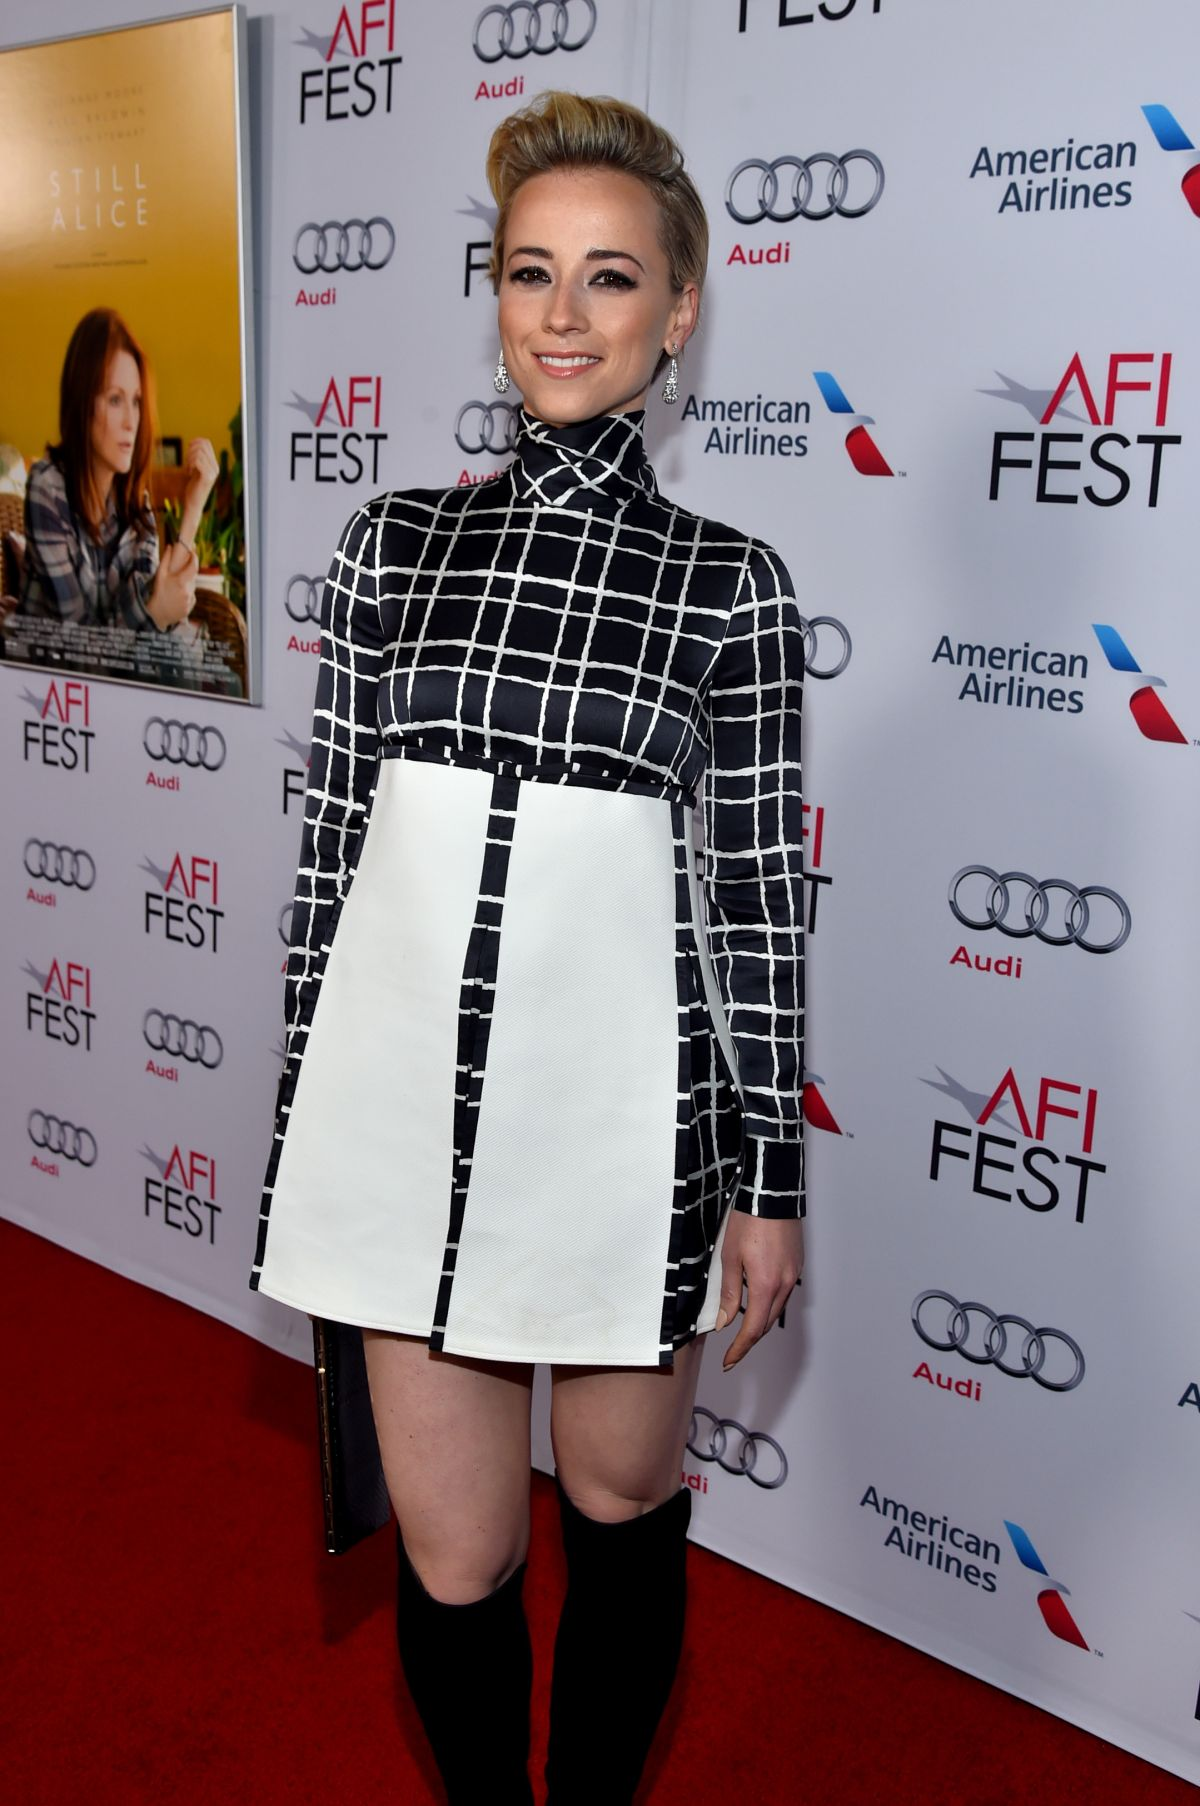 Actress Karine Vanasse arrives at AFI FEST 2014 Presented